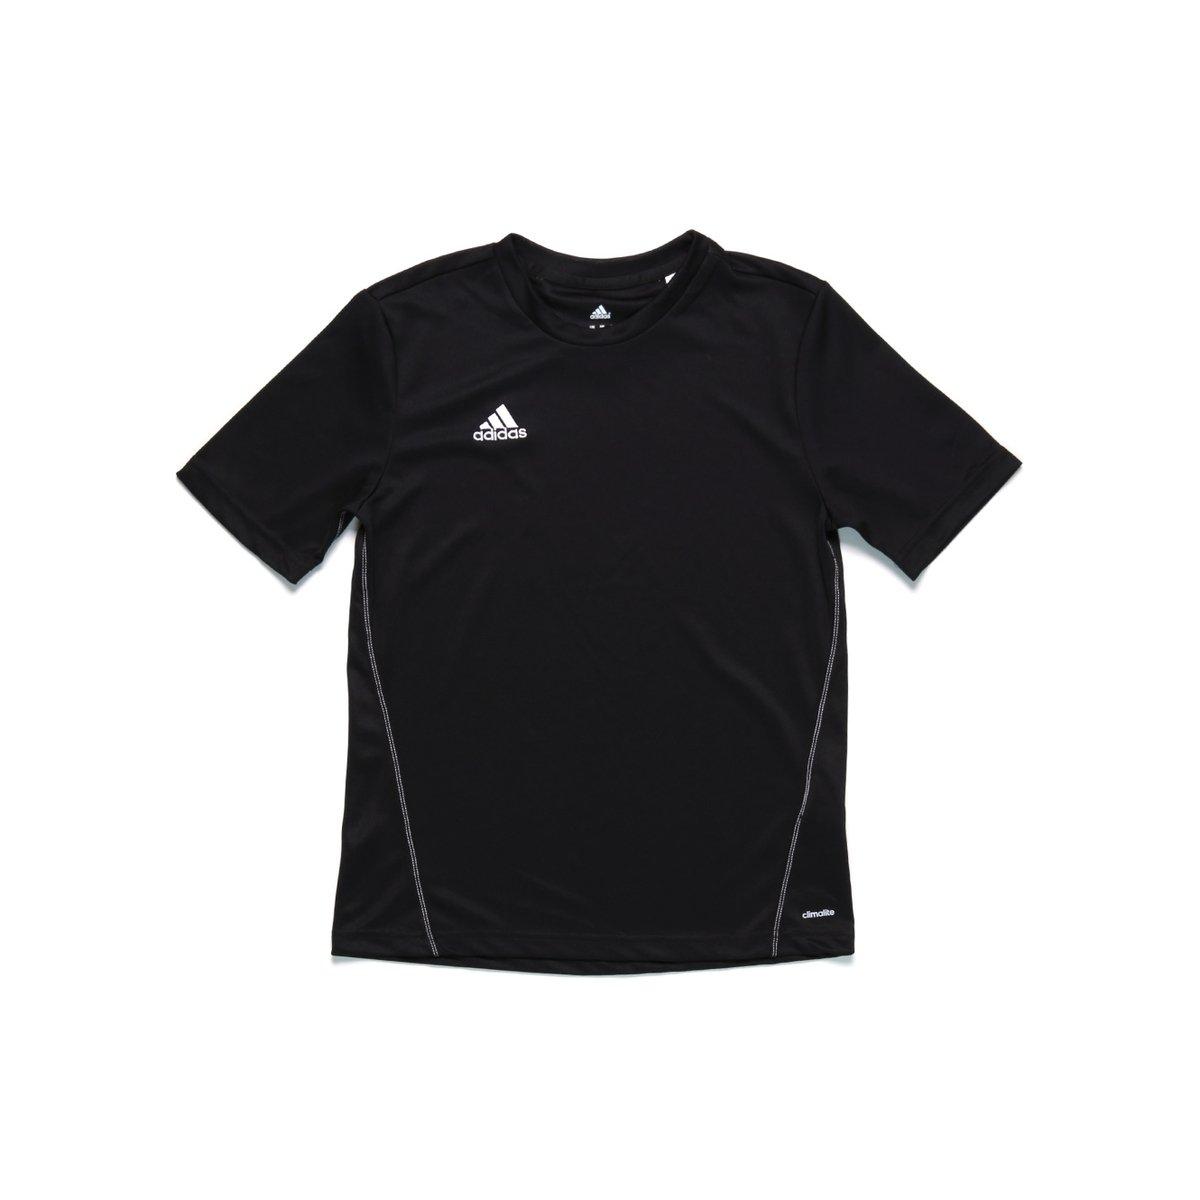 646adac64cc51 Camiseta Manga Curta Infantil Para Menino Adidas Treino Core Preto 13  -  Compre Agora